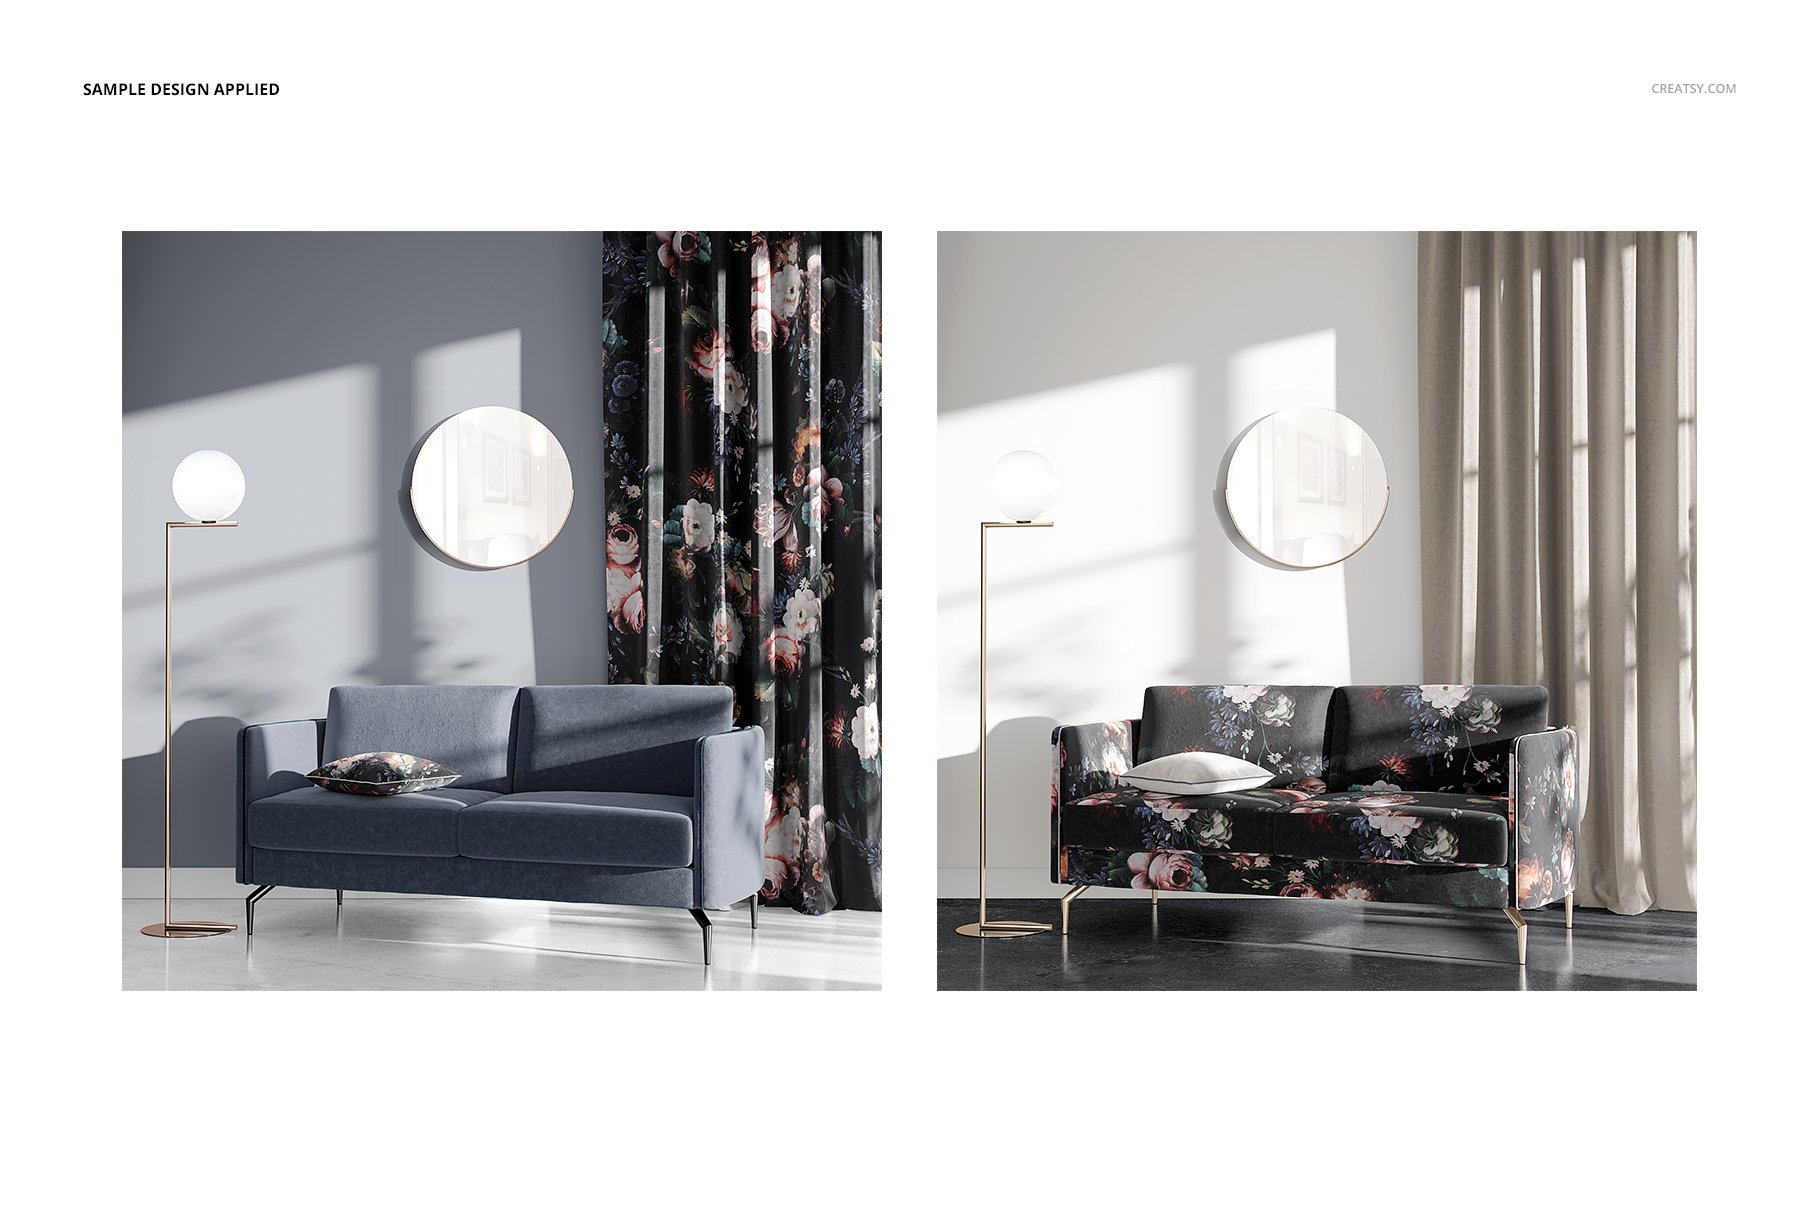 带阴影室内双人沙发印花图案设计PS贴图样机模板 Interior Scene Mockup插图4